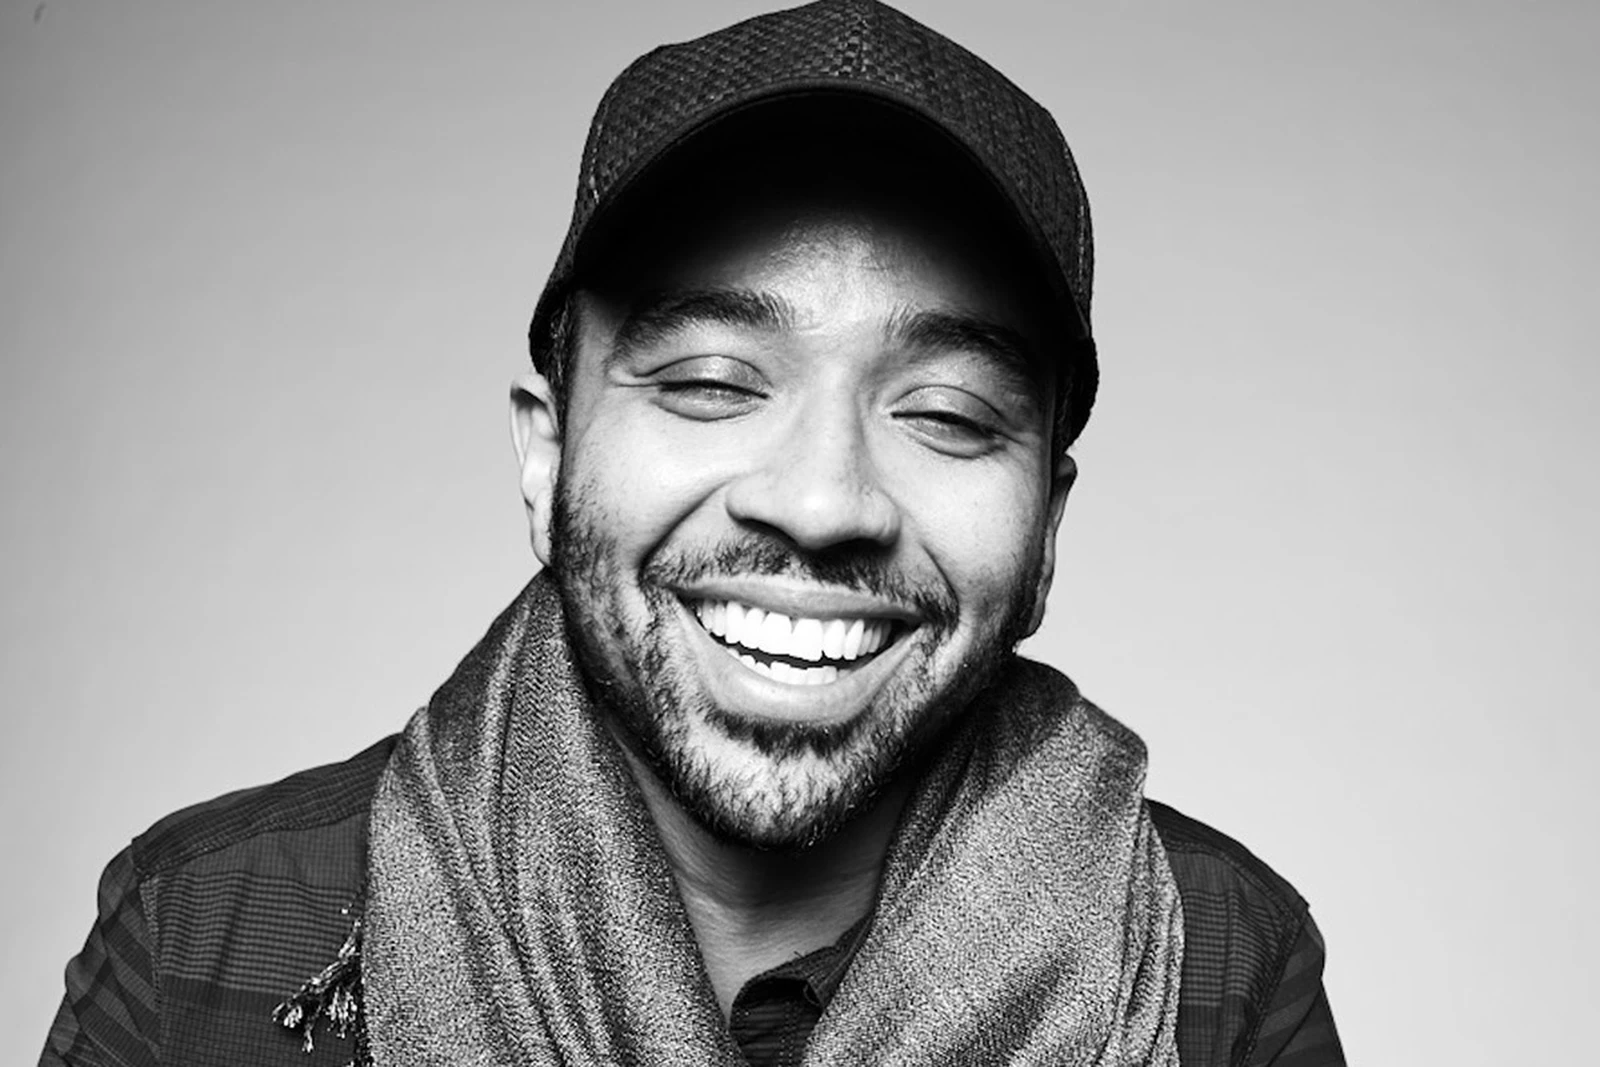 Uni V. Sol - Chàng MC và nghệ sĩ lồng tiếng tìm thấy thành công trên Fiverr